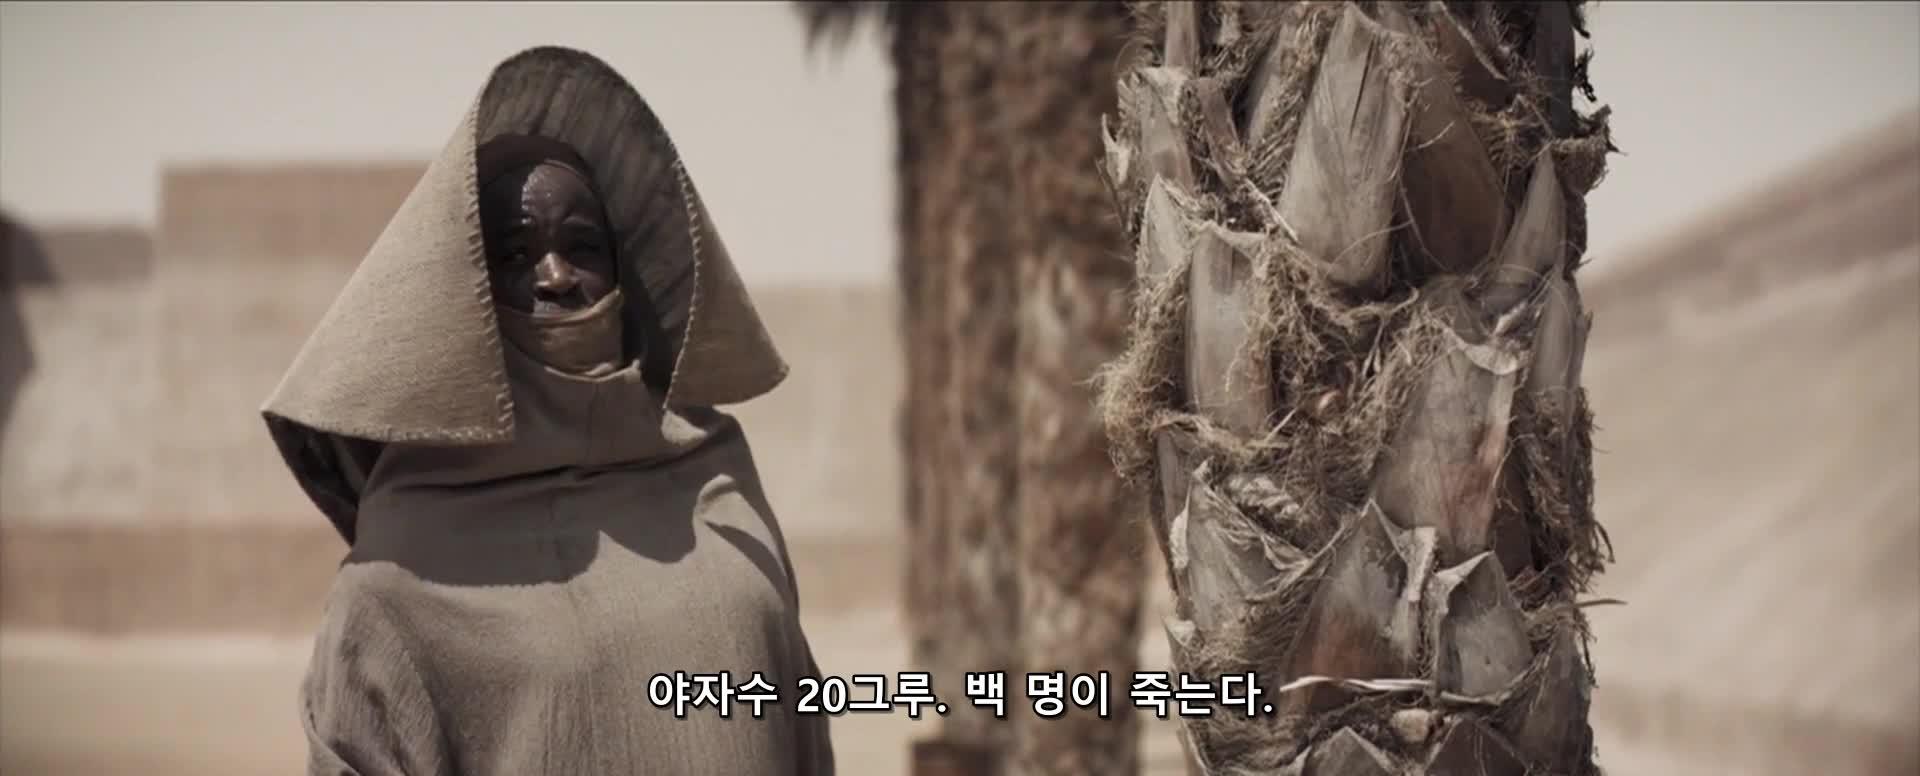 1O월 최신작 실시간1위 [위대한시작 ㅡD.U.N.Eㅡ]. 고화질.굿자막